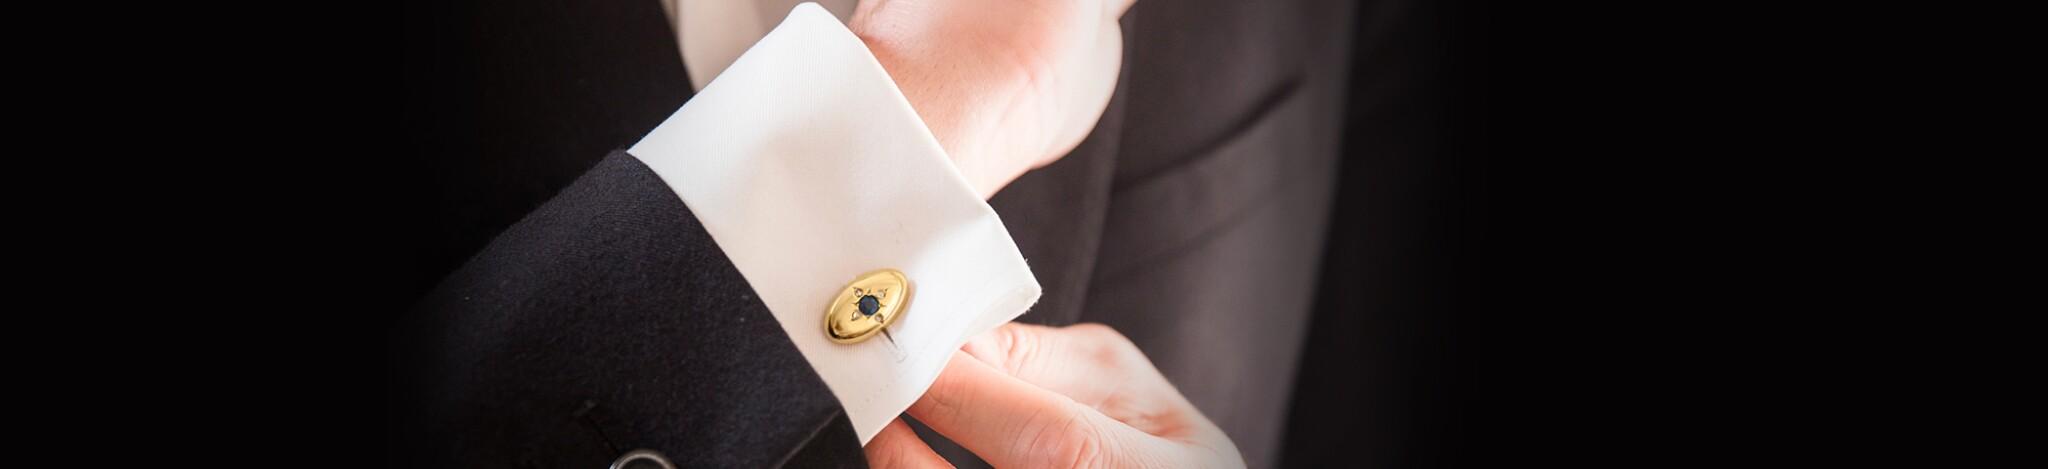 Gentlemen's Accessories Online